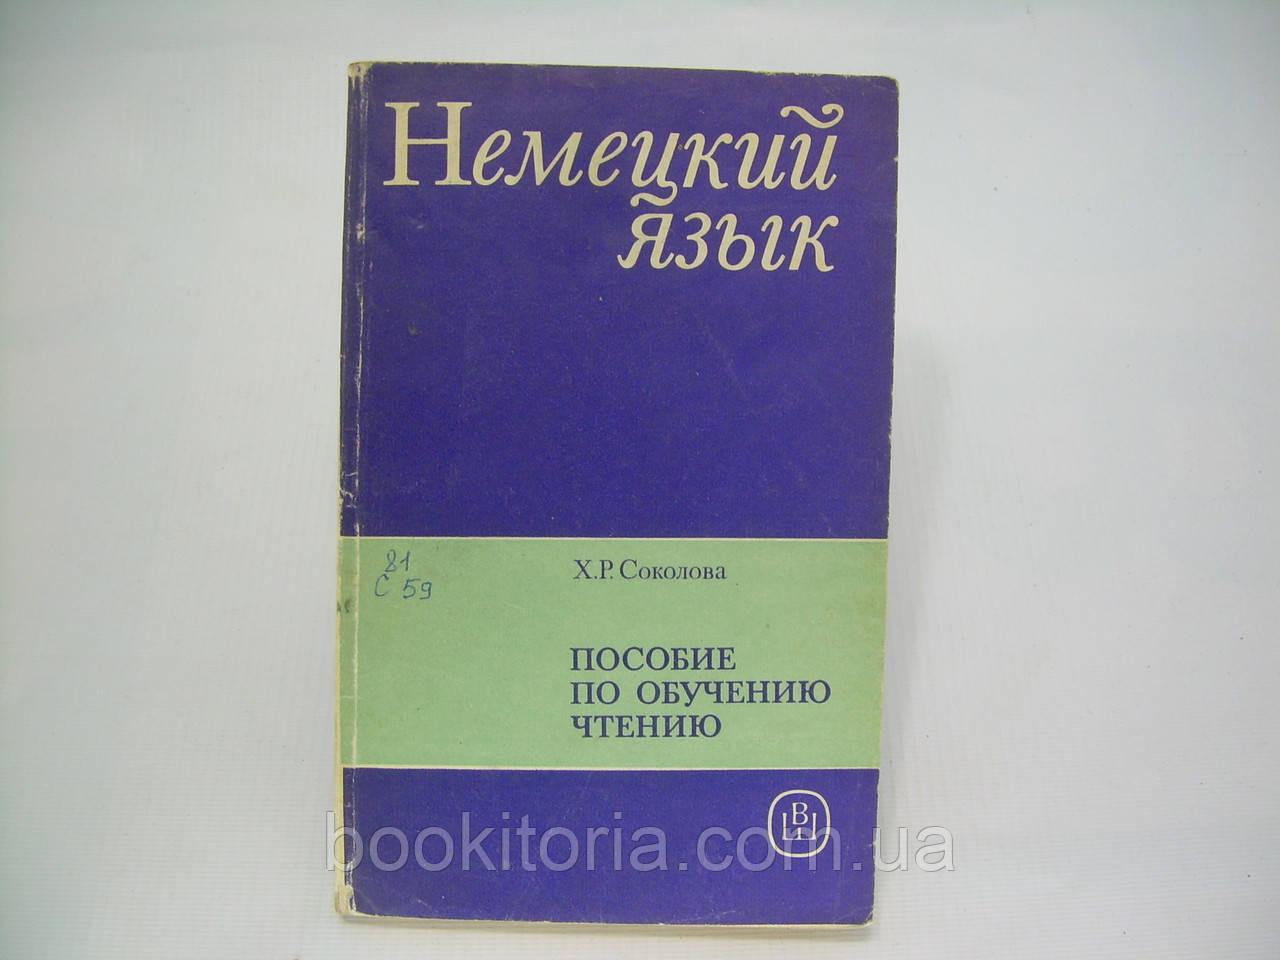 Соколова Х. Р. Пособие по обучению чтению на немецком языке (б/у).